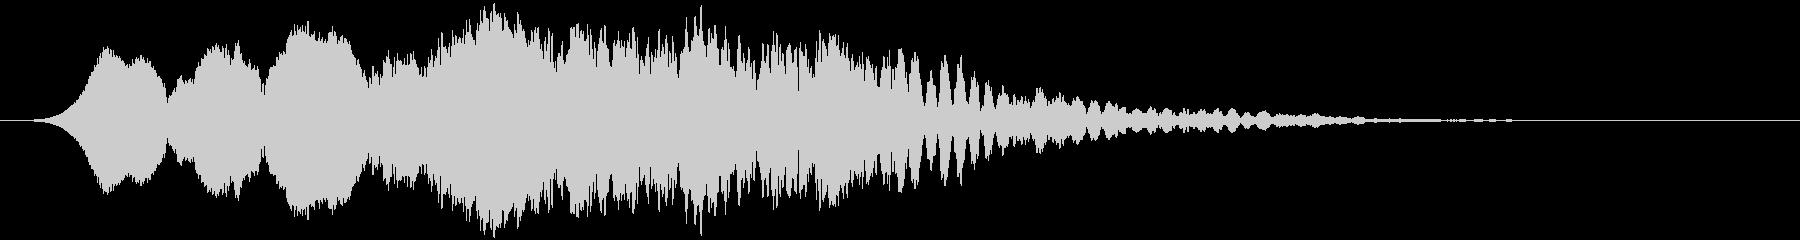 【ダーク・ホラー】ゴワンッッッッ・・・の未再生の波形